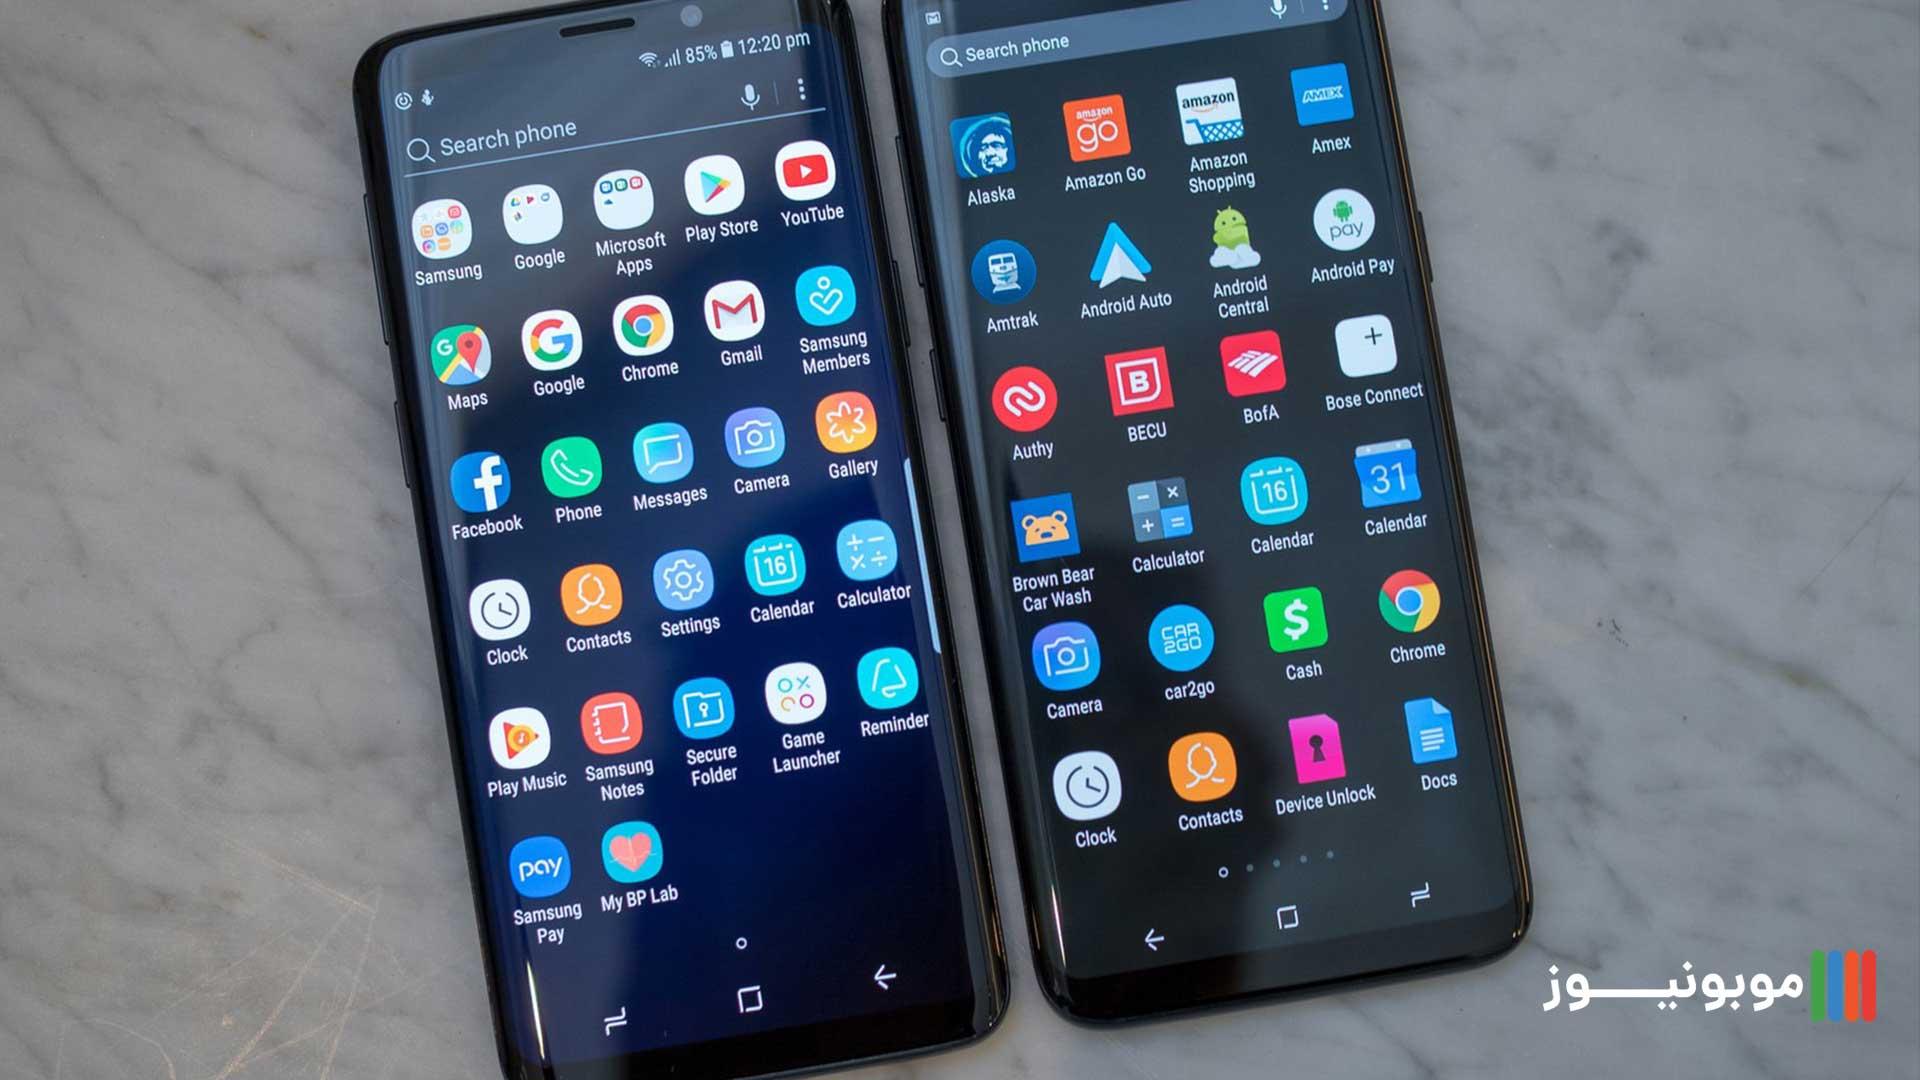 تفاوت رابط های کاربری گوشی های اندرویدی